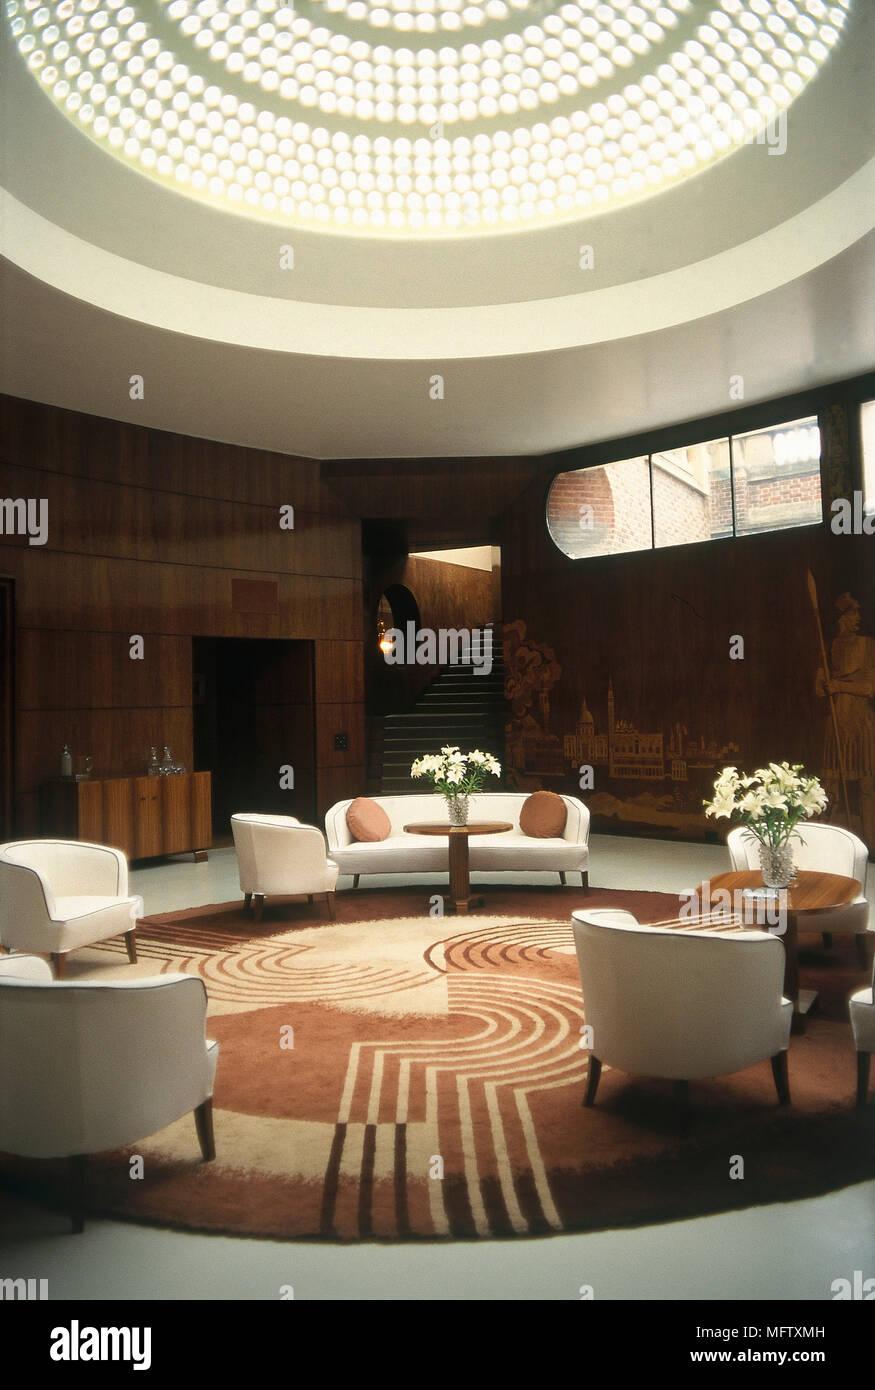 Modern Art Deco Stil Wohnzimmer Mit Geschwungenen Wanden